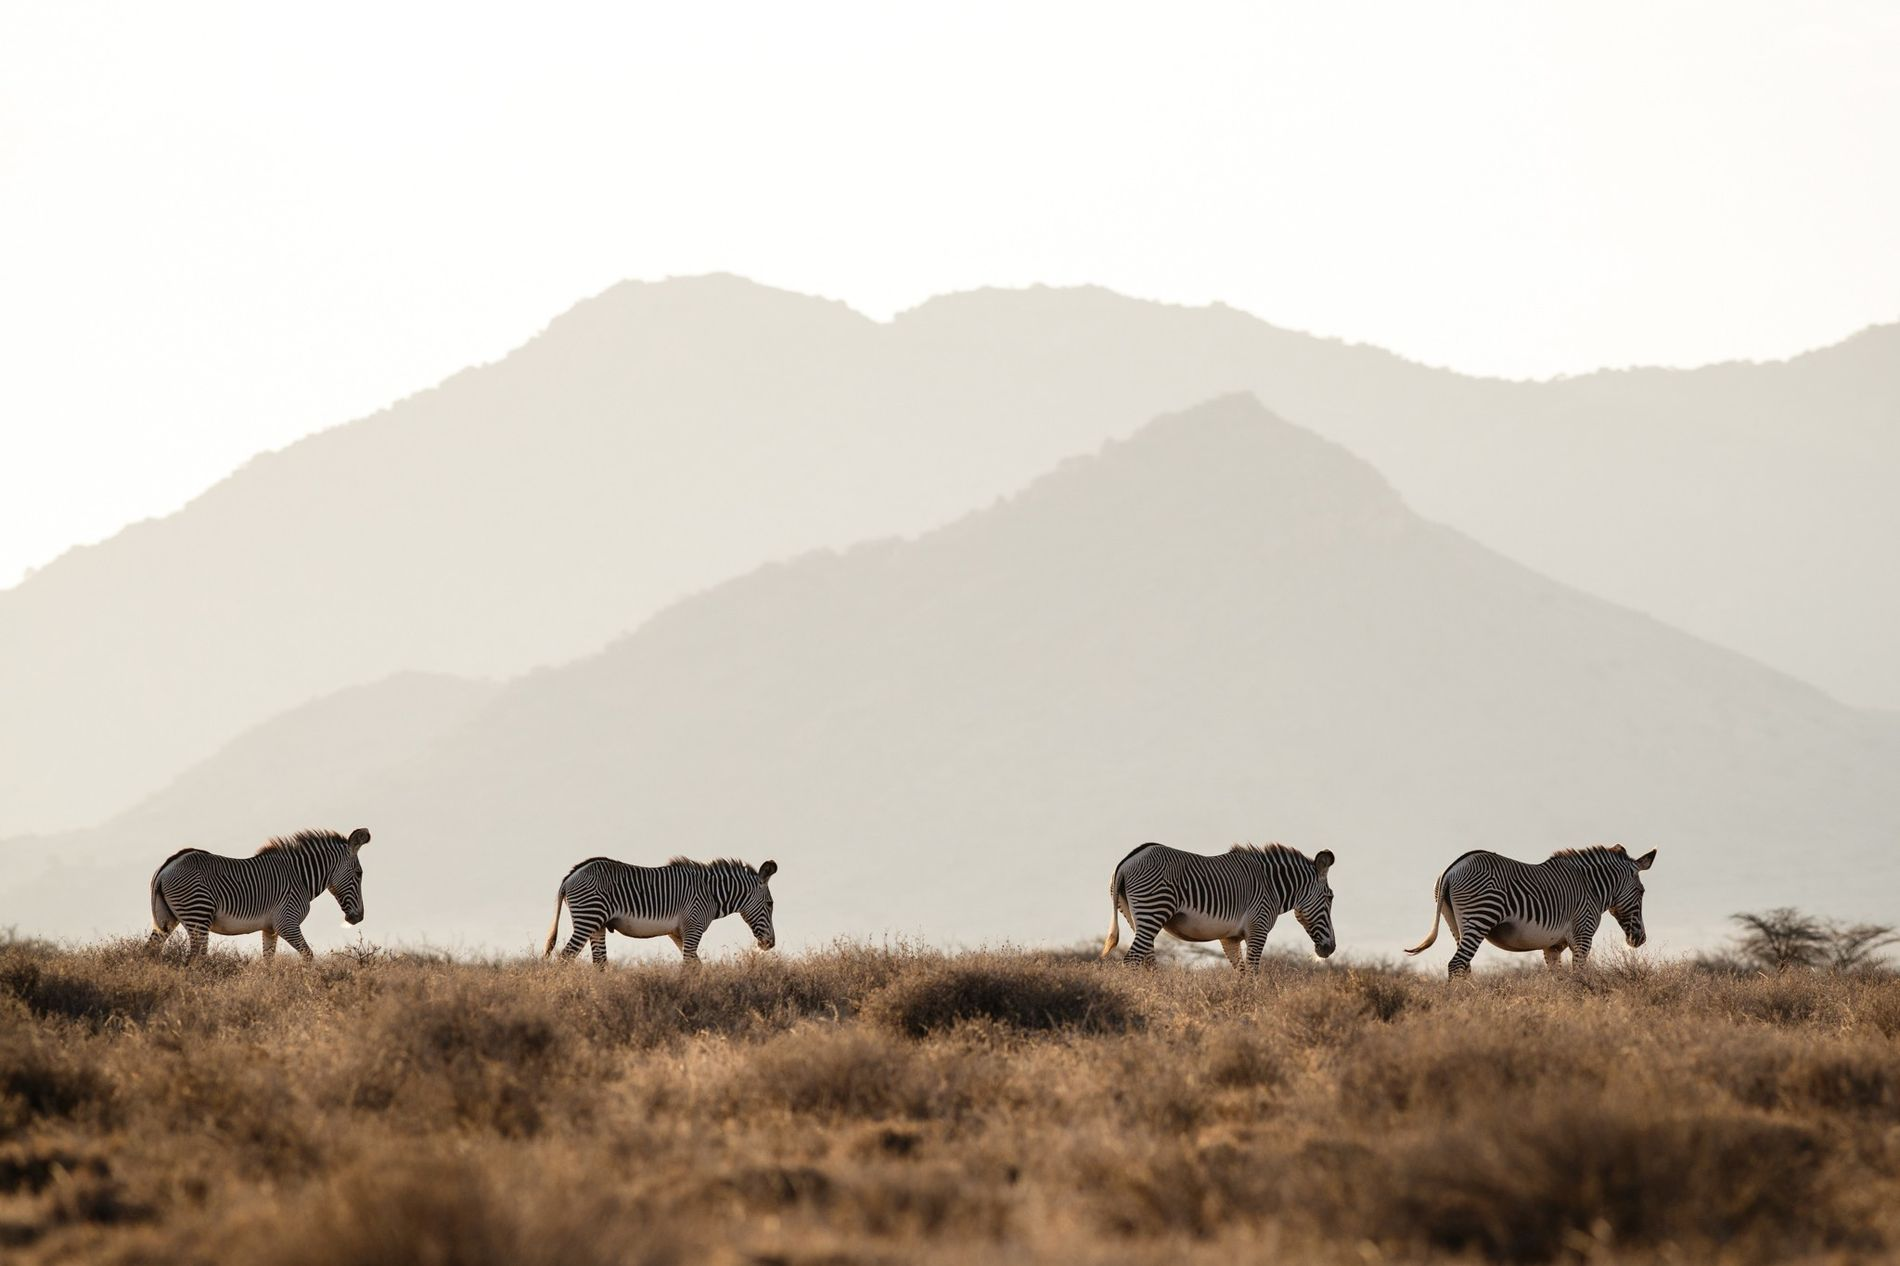 Zebras-de-grevy em risco de extinção se movimentam pelas planícies no norte do Quênia. Existem apenas 2,4 ...